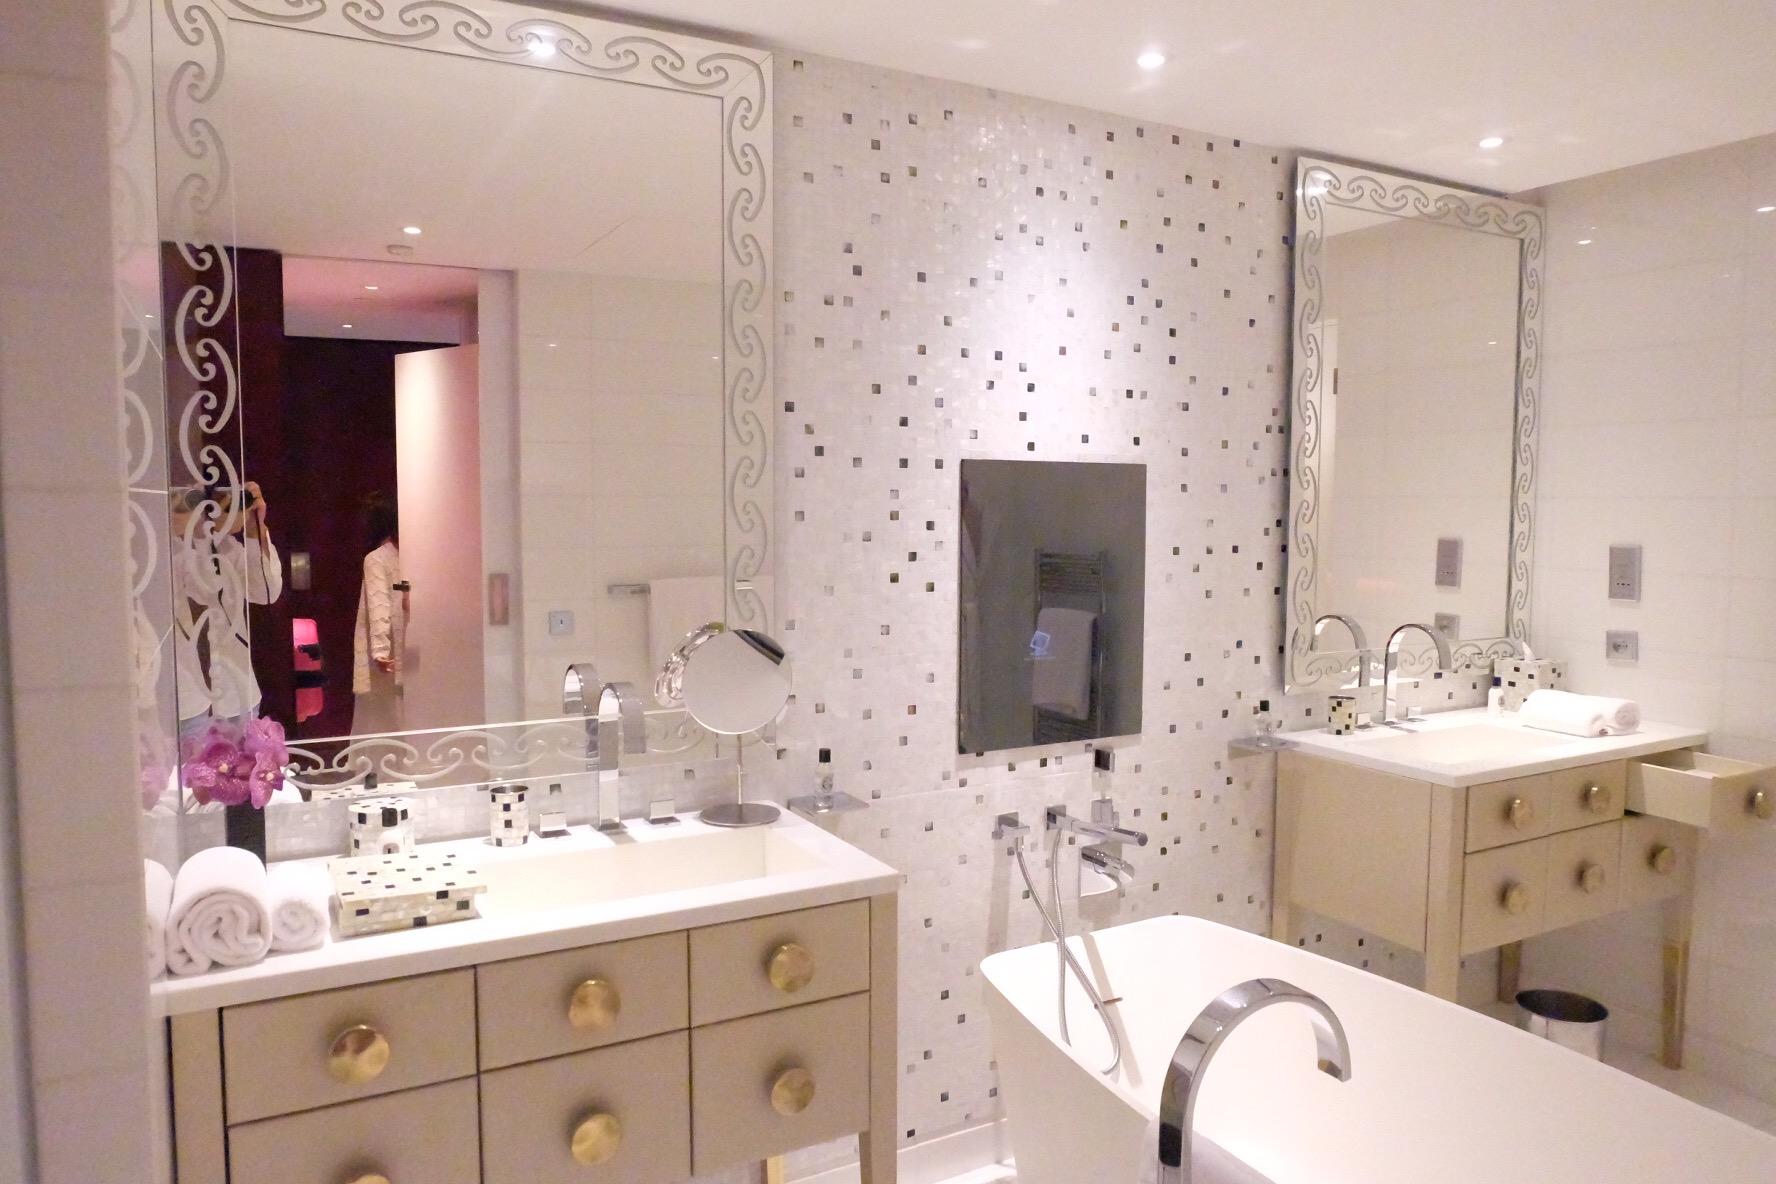 マンダリンオリエンタルパリ バスルームも可愛い